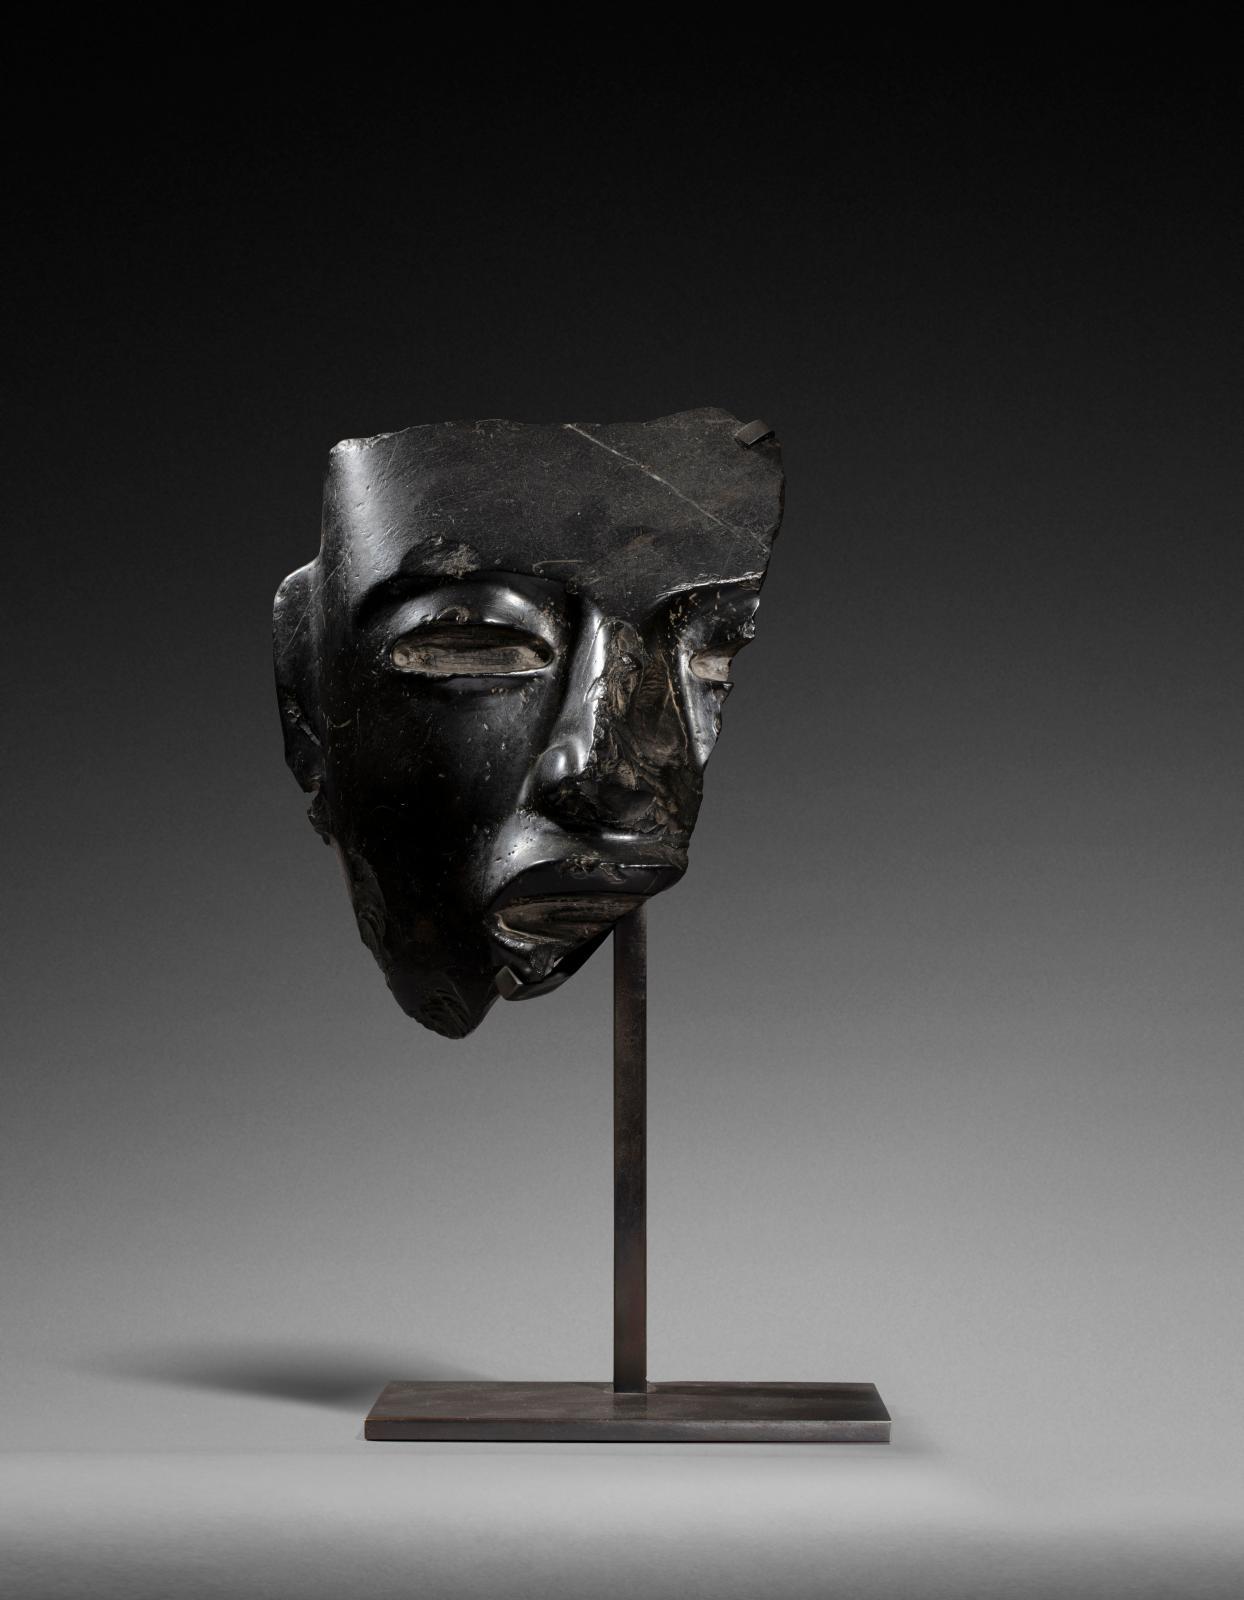 Mexique, Teotihuacán, époque classique (450-650 apr. J.-C.), fragment de masque cultuel présentant le visage d'un grand seigneur, serpenti